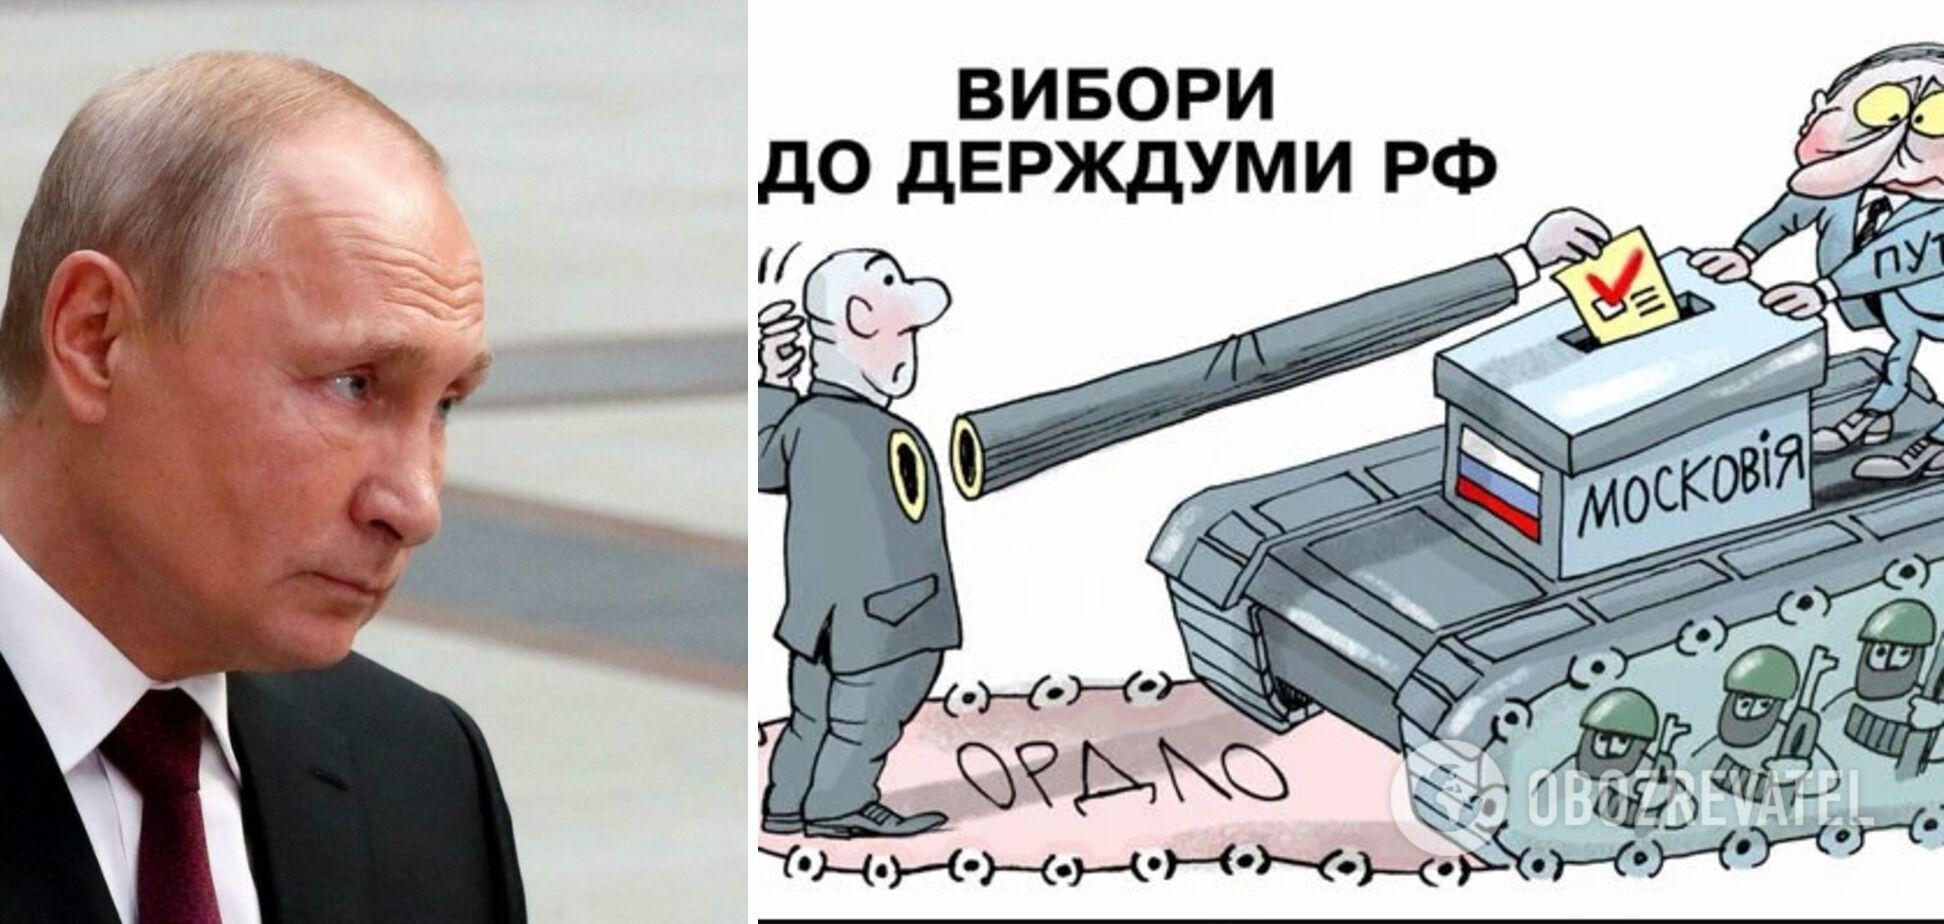 Российские выборы без выбора и ОРДЛО: происходит 'ползучая аннексия' чужих земель